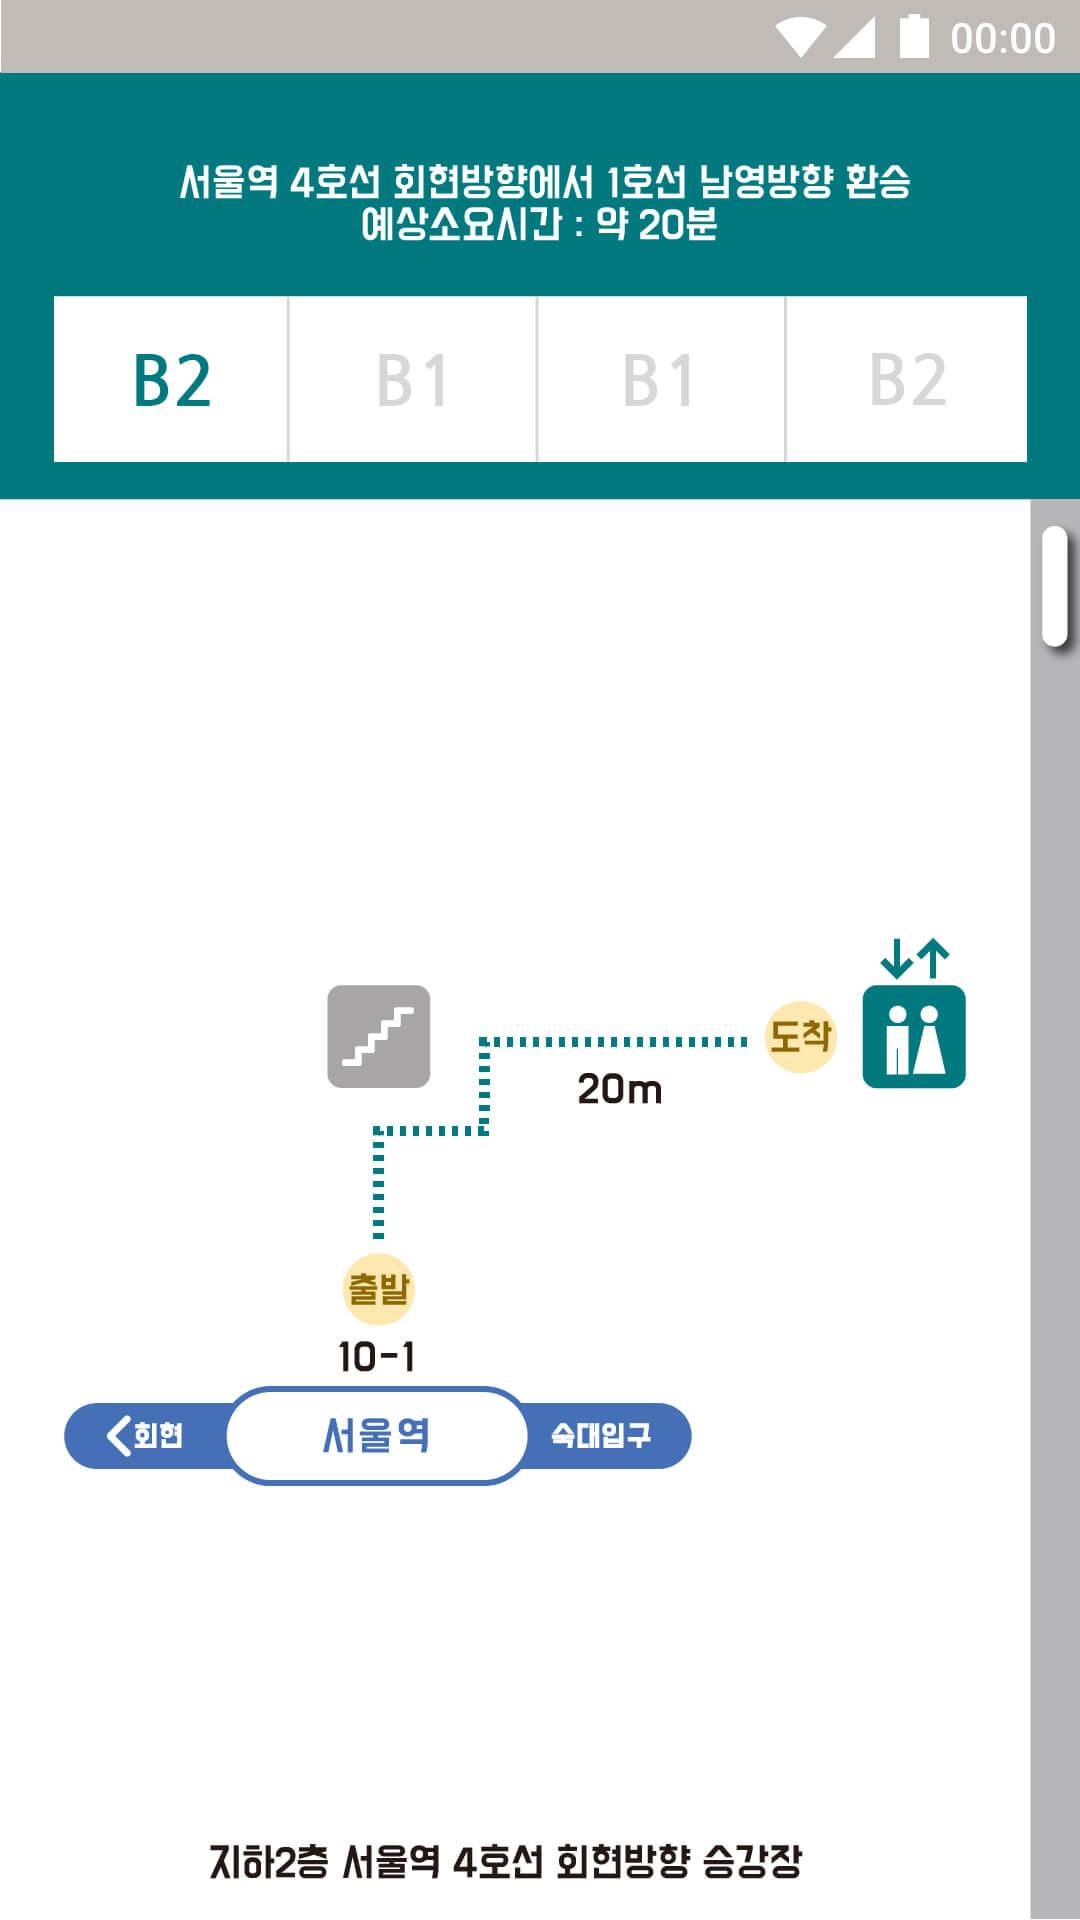 서울역 B2